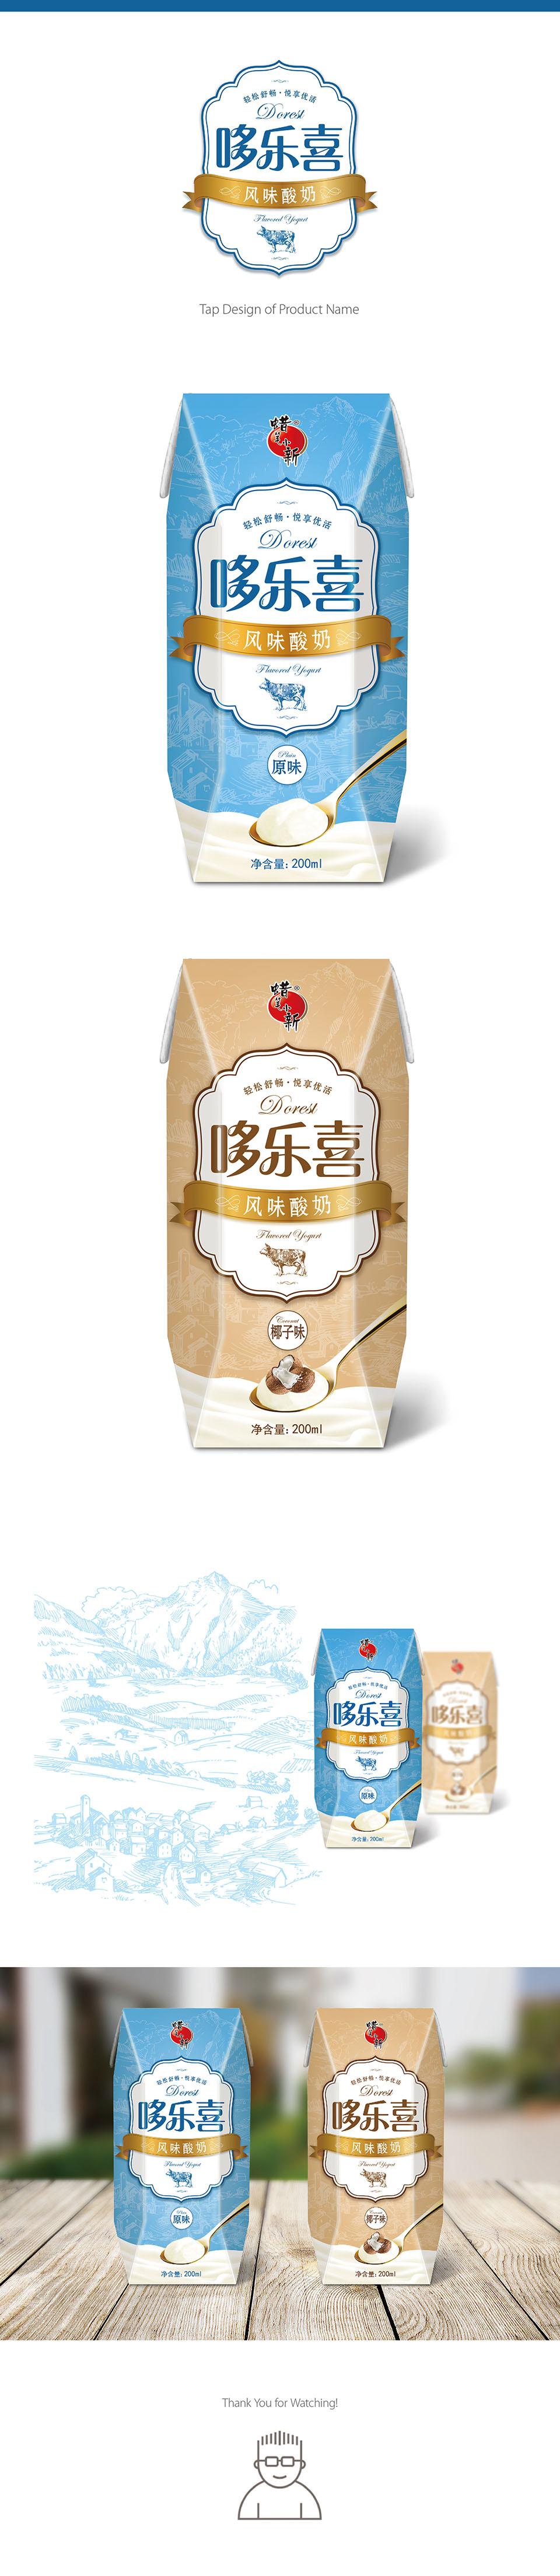 哆乐喜酸奶包装设计